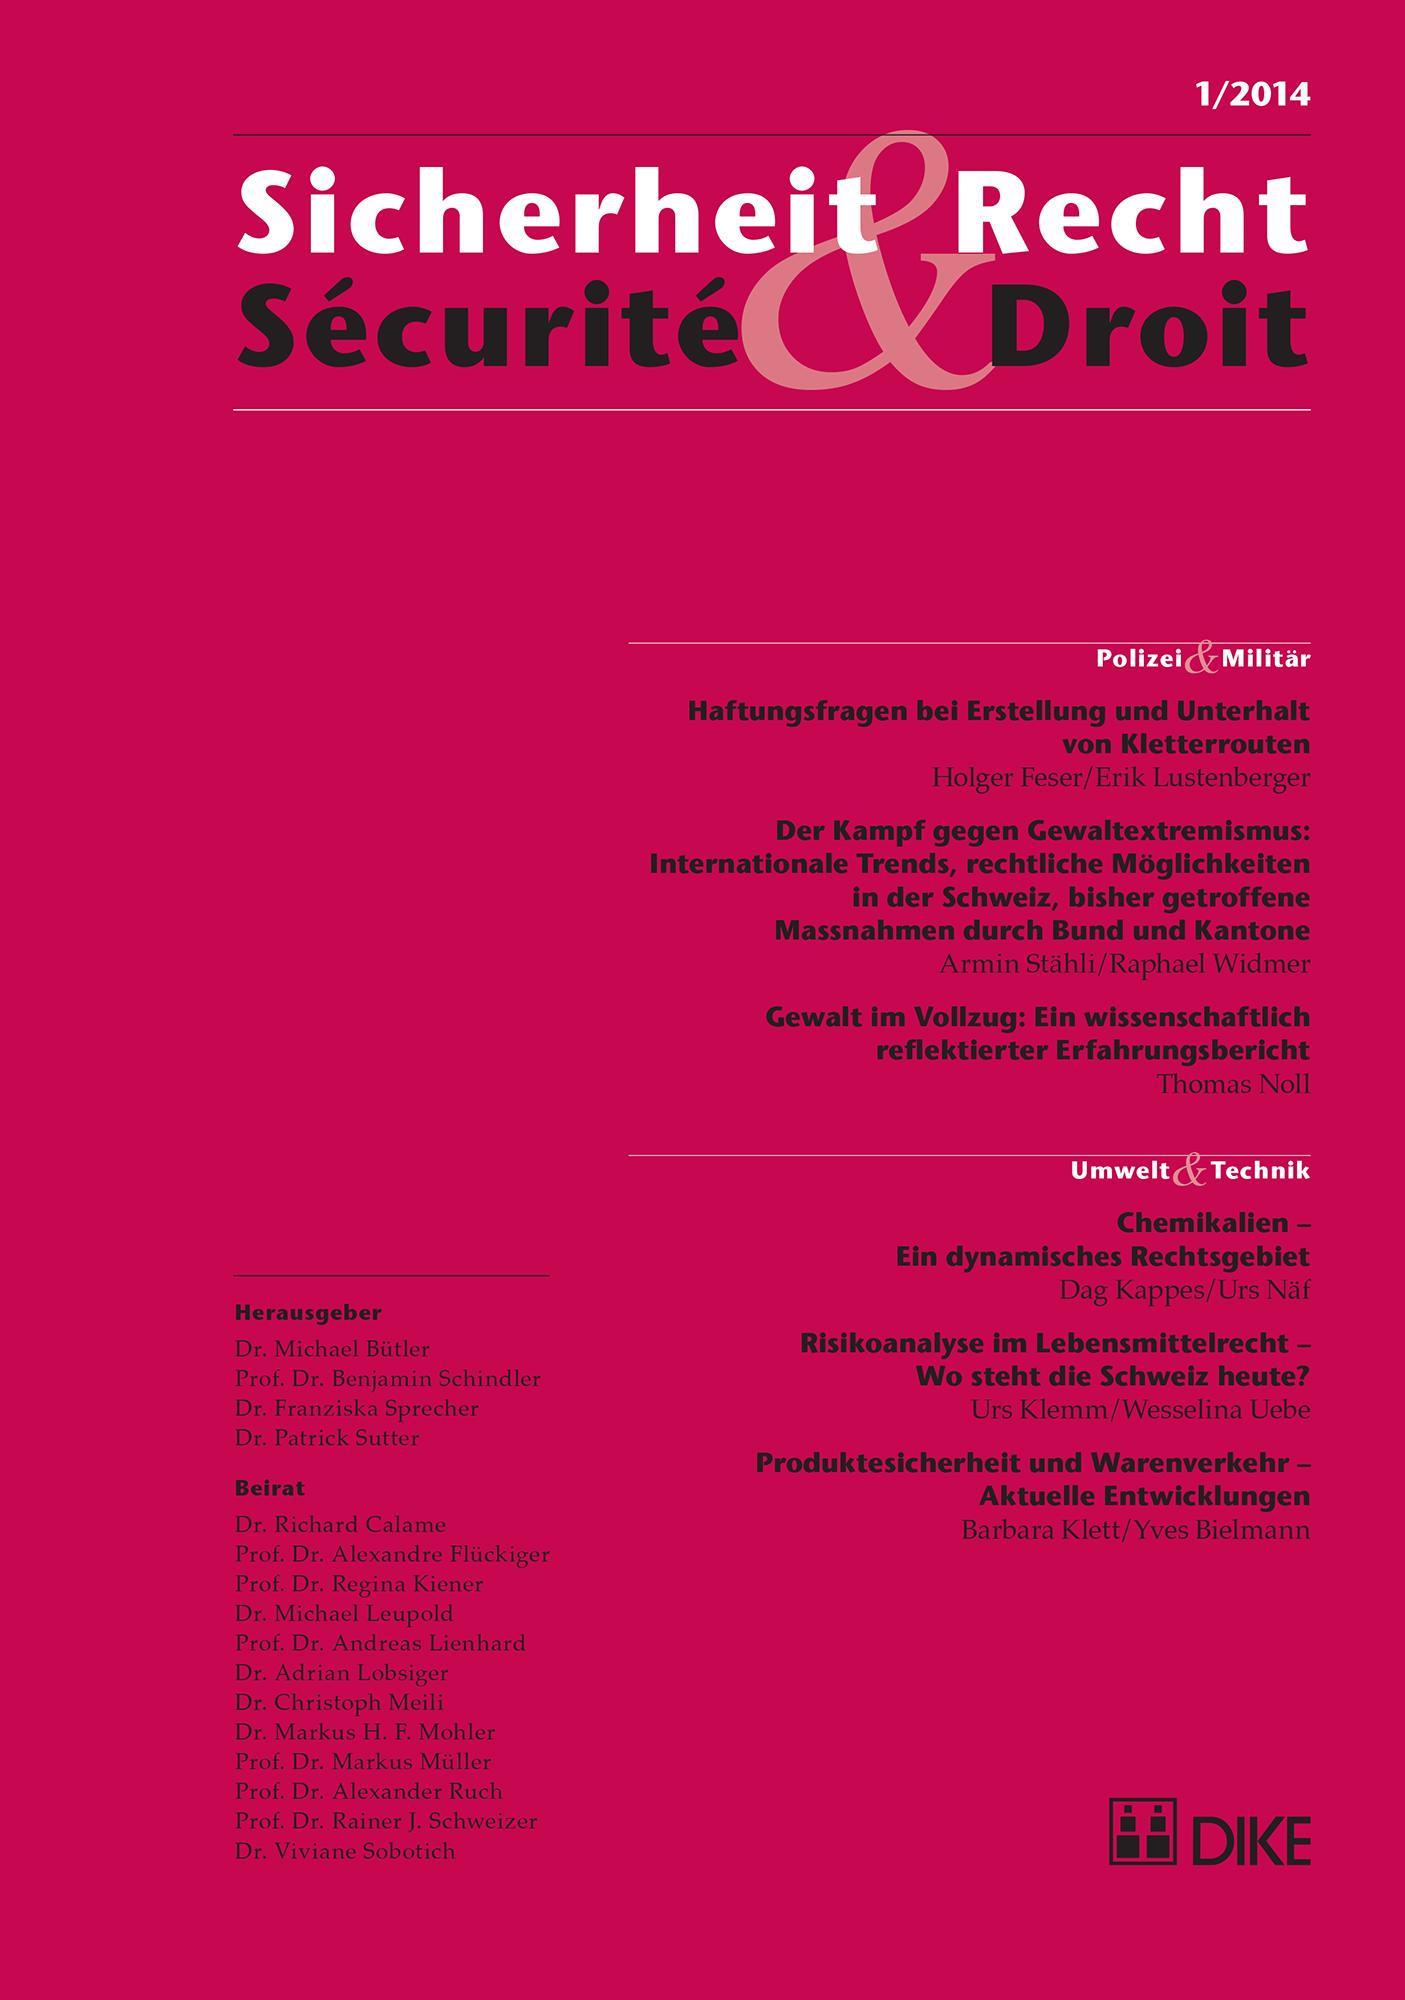 Sicherheit & Recht / Sécurité & Droit 01/2014